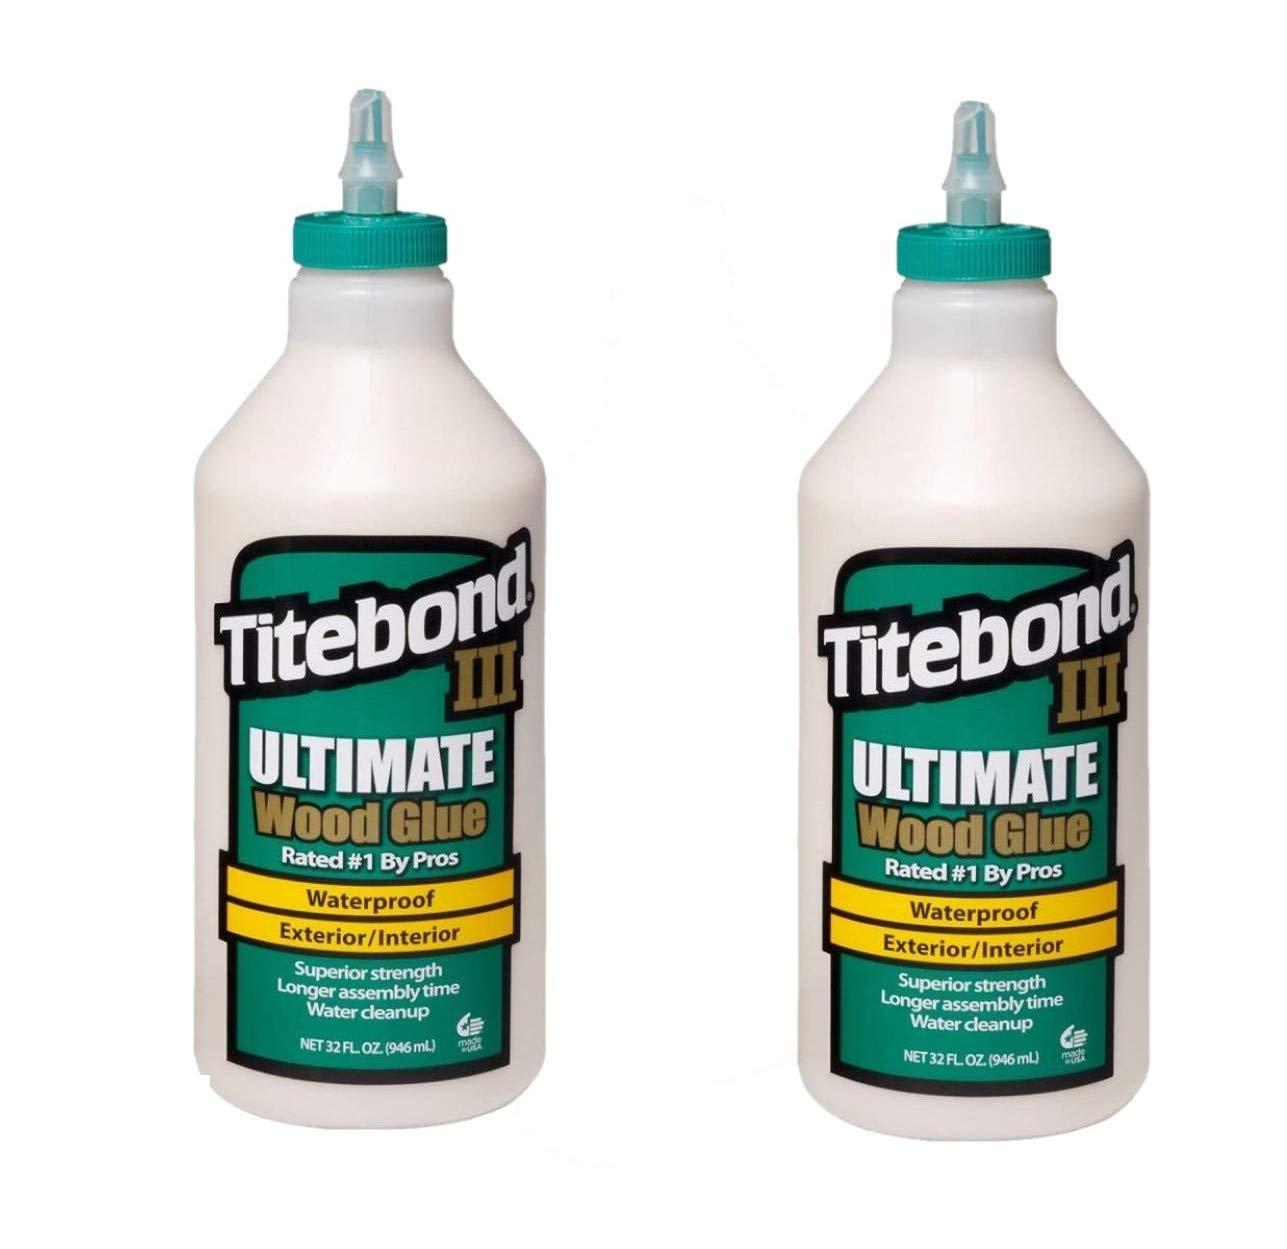 Titebond 1415 III Ultimate Wood Glue, 32-Ounce Bottle, 2 Pack by Titebond (Image #1)